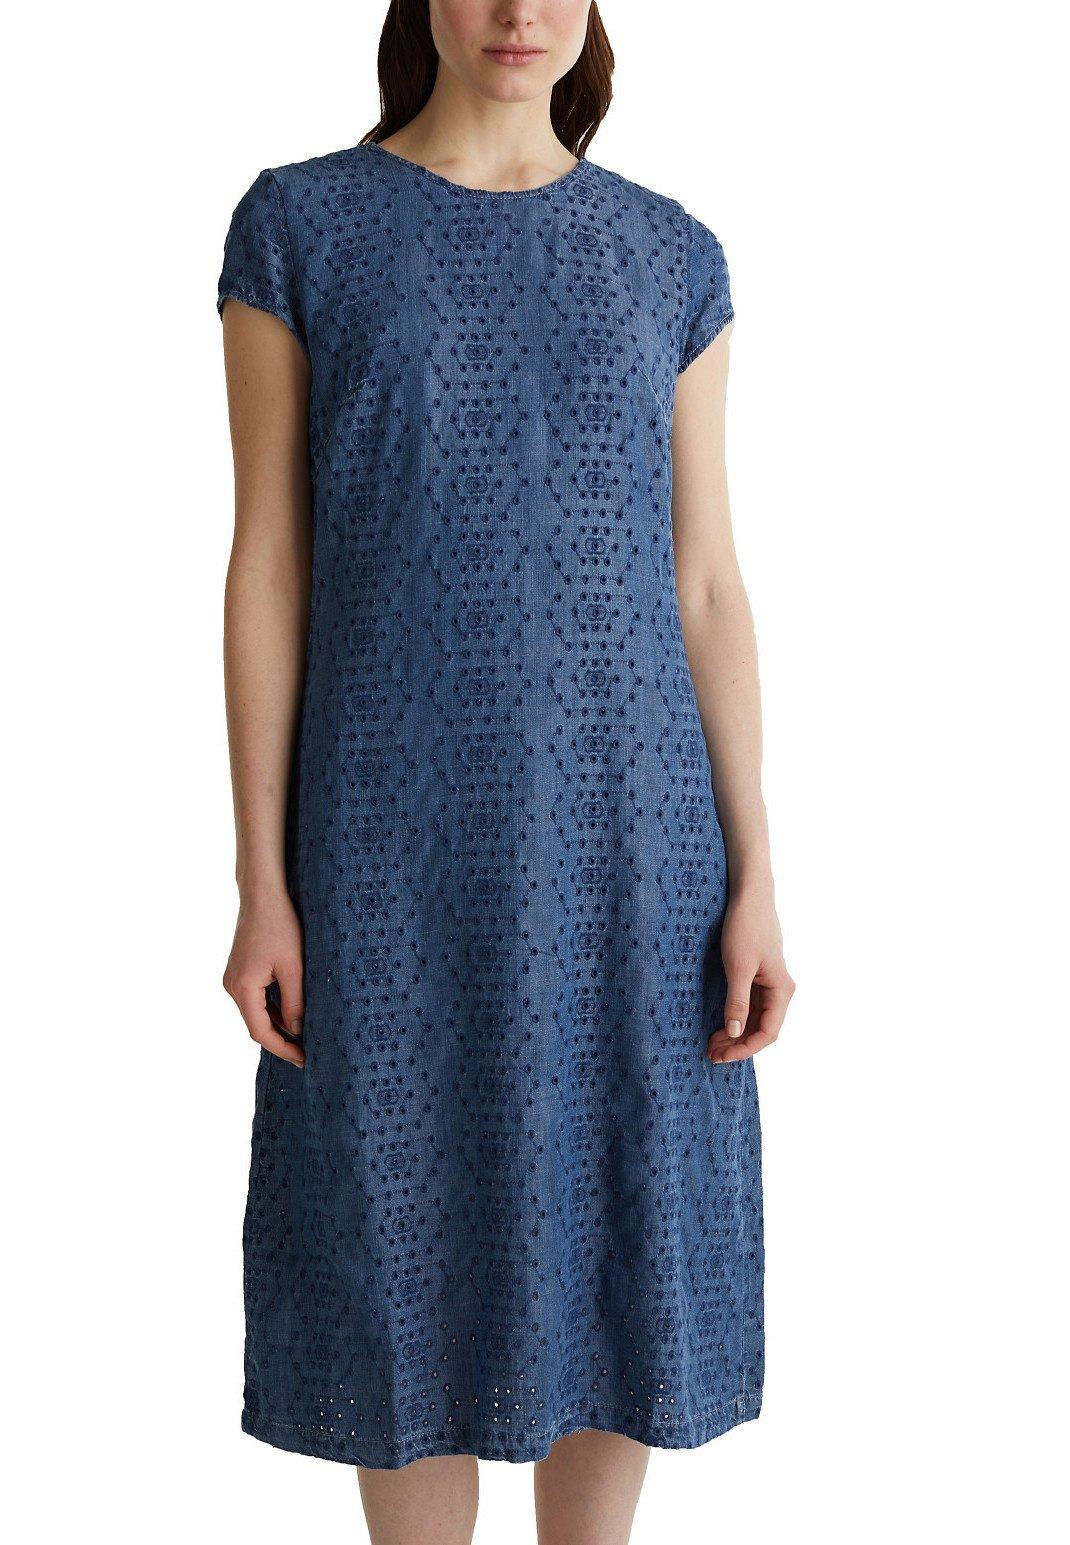 Esprit Aus Tencel™: Kleid Mit Lochstickerei - Hverdagskjoler Blue Dark Washed